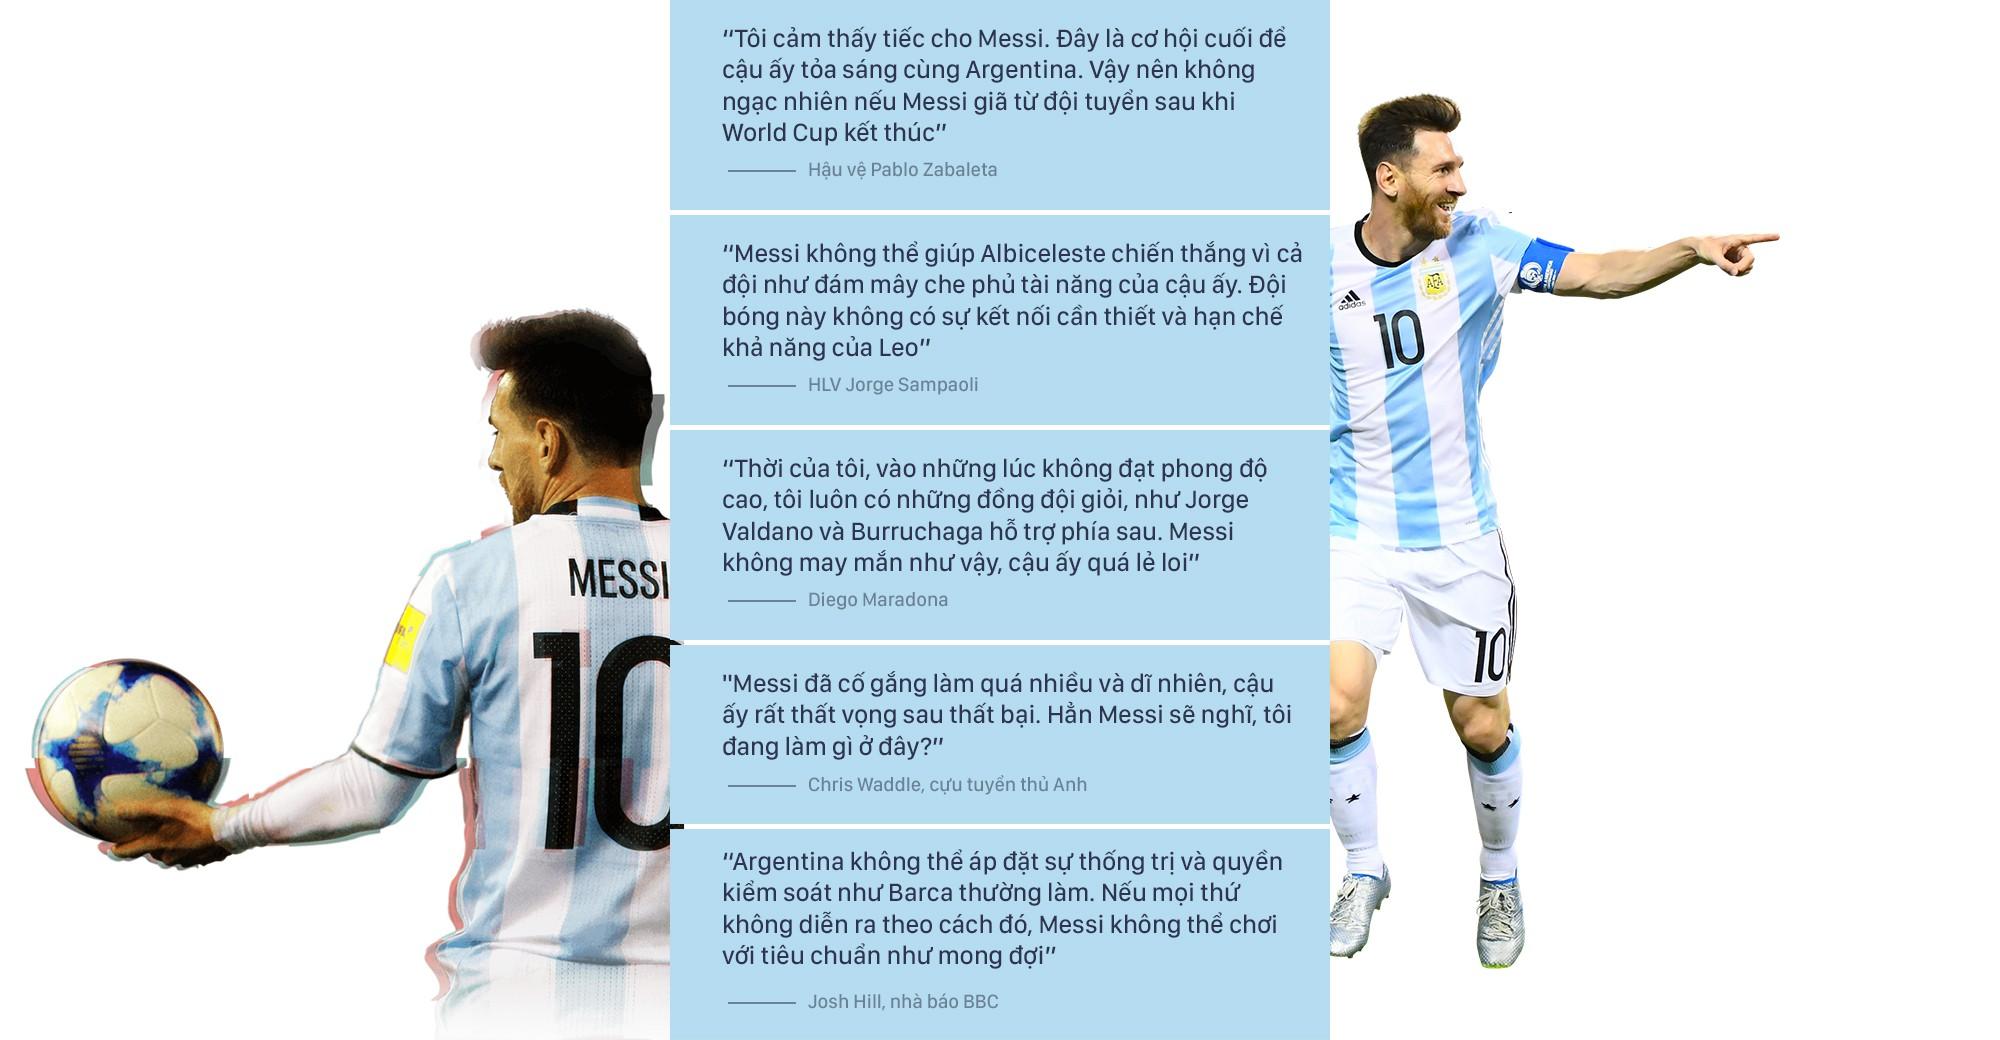 Không có vinh quang cho Messi, bởi anh không đổ máu vì nó - Ảnh 15.